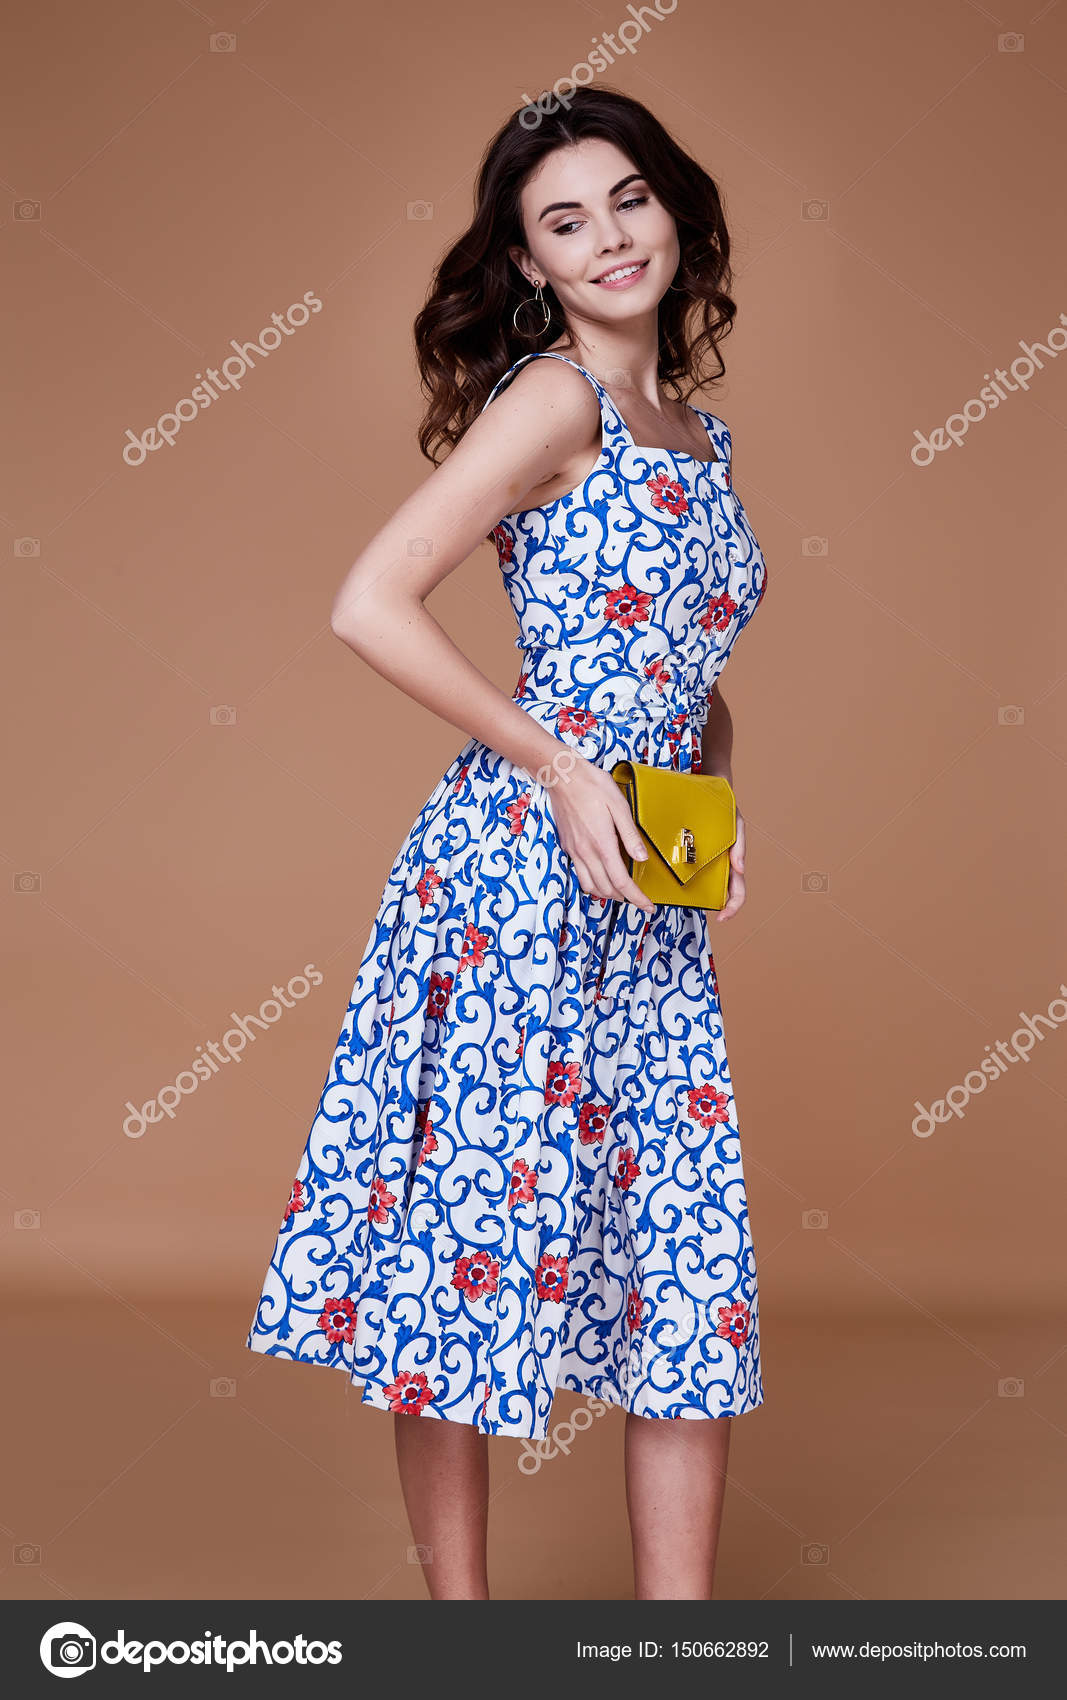 Beauty Woman Modell tragen stilvolles Design Trend Kleidung blau ...